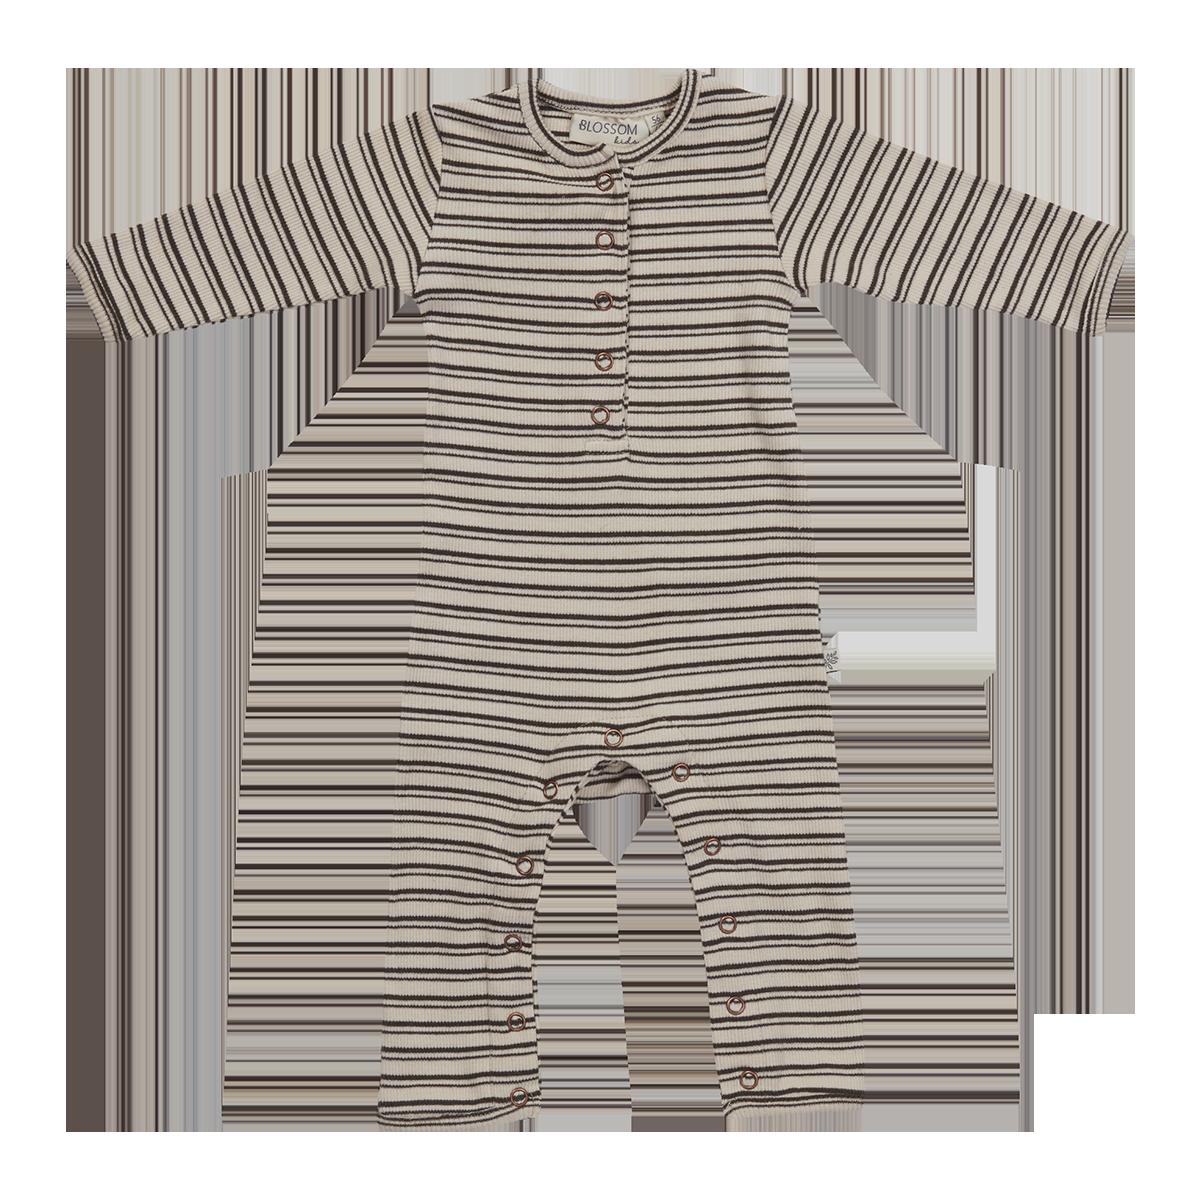 Blossom Kids Playsuit - stripes - Cinnamon-1